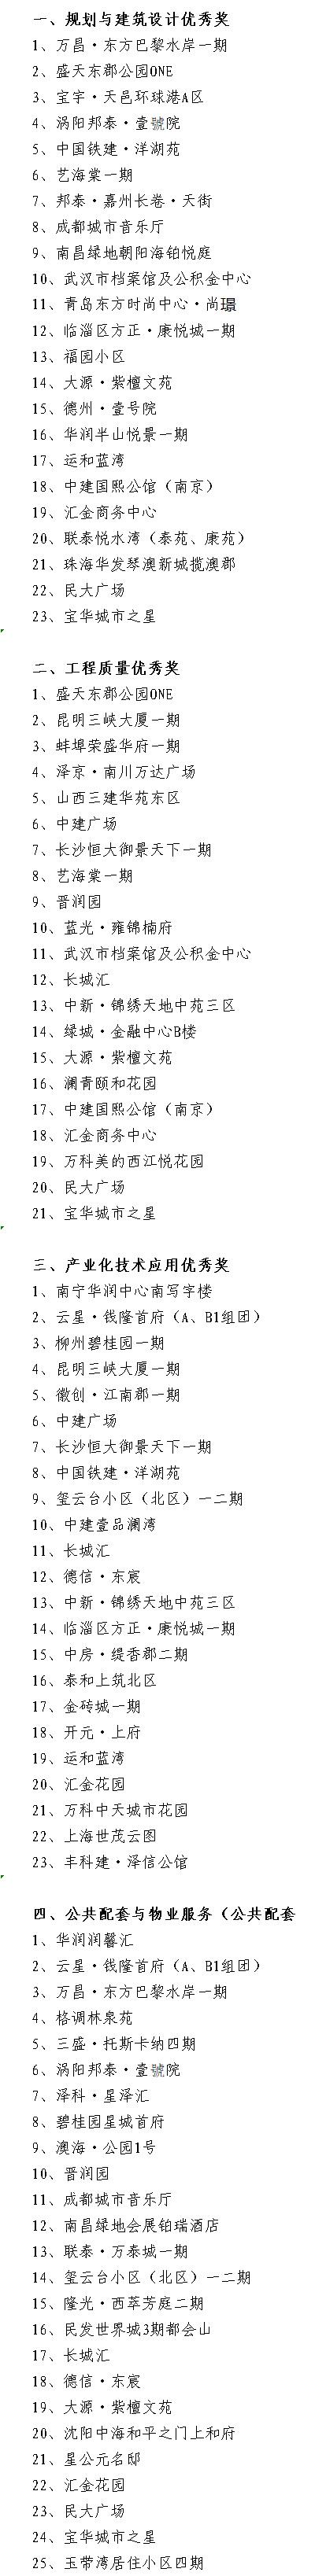 """第九屆(2019-2020年度)""""廣廈獎""""第二批獲獎項目"""